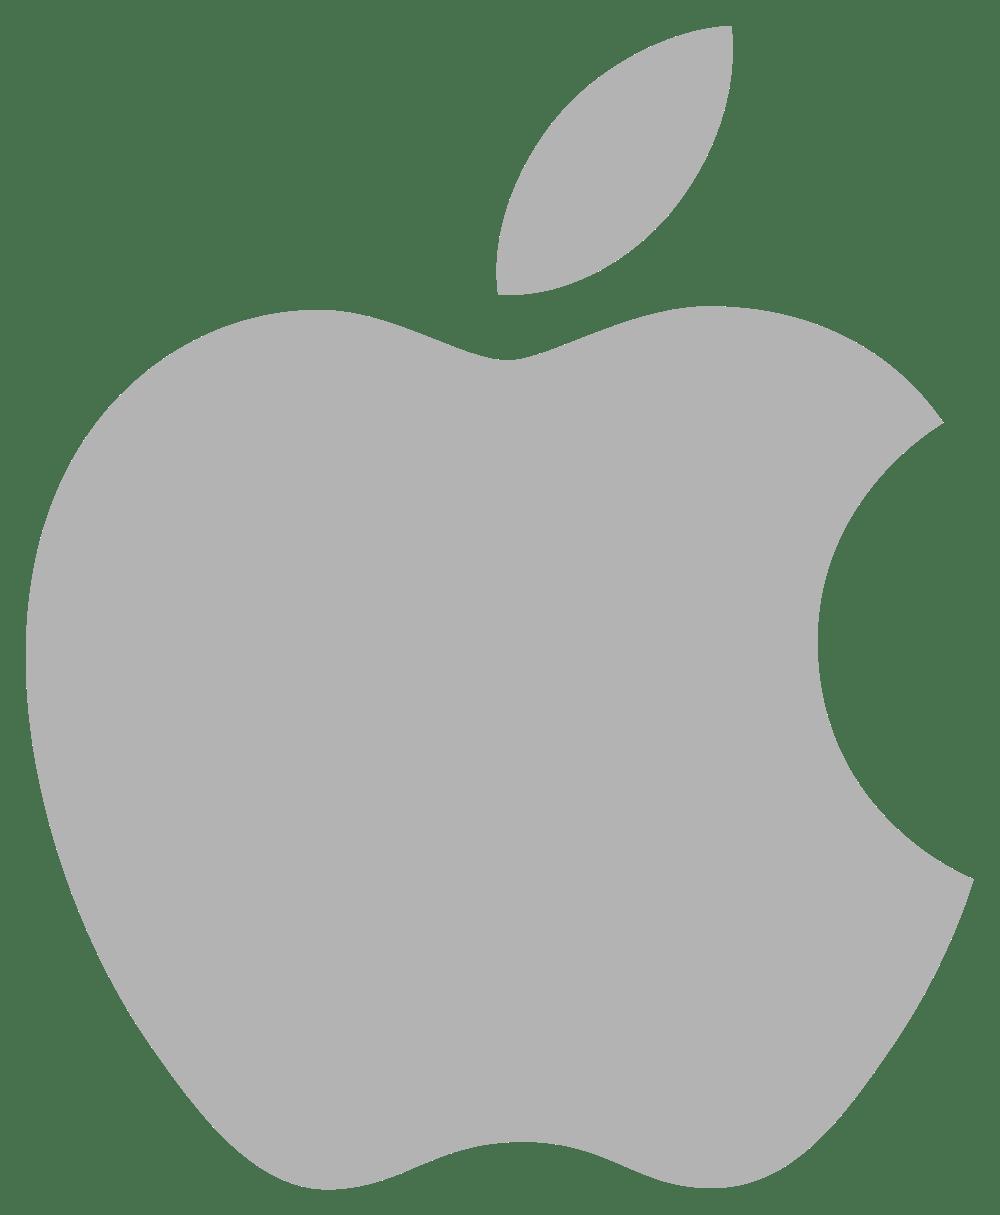 Image result for apple logo png